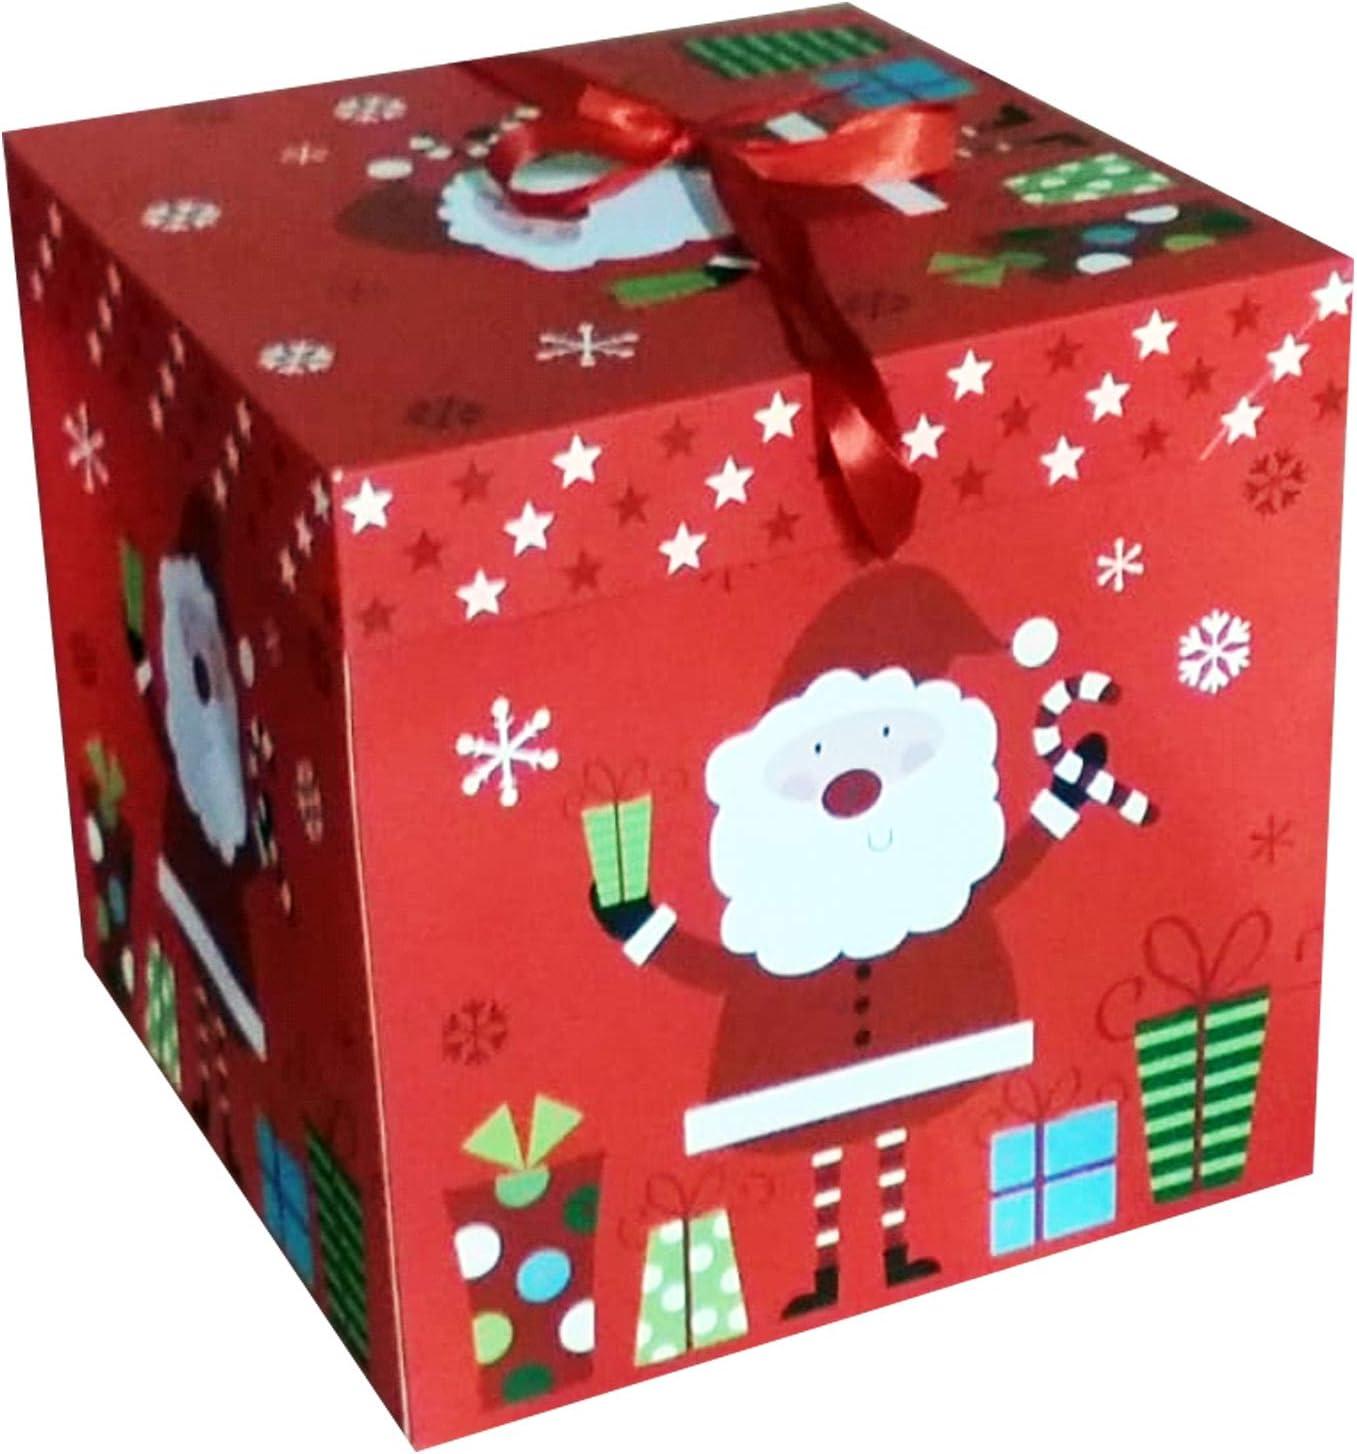 Red Ribbon Caja Cinta roja, Caja Grande, Tapas de Cajas de Regalo: Amazon.es: Hogar